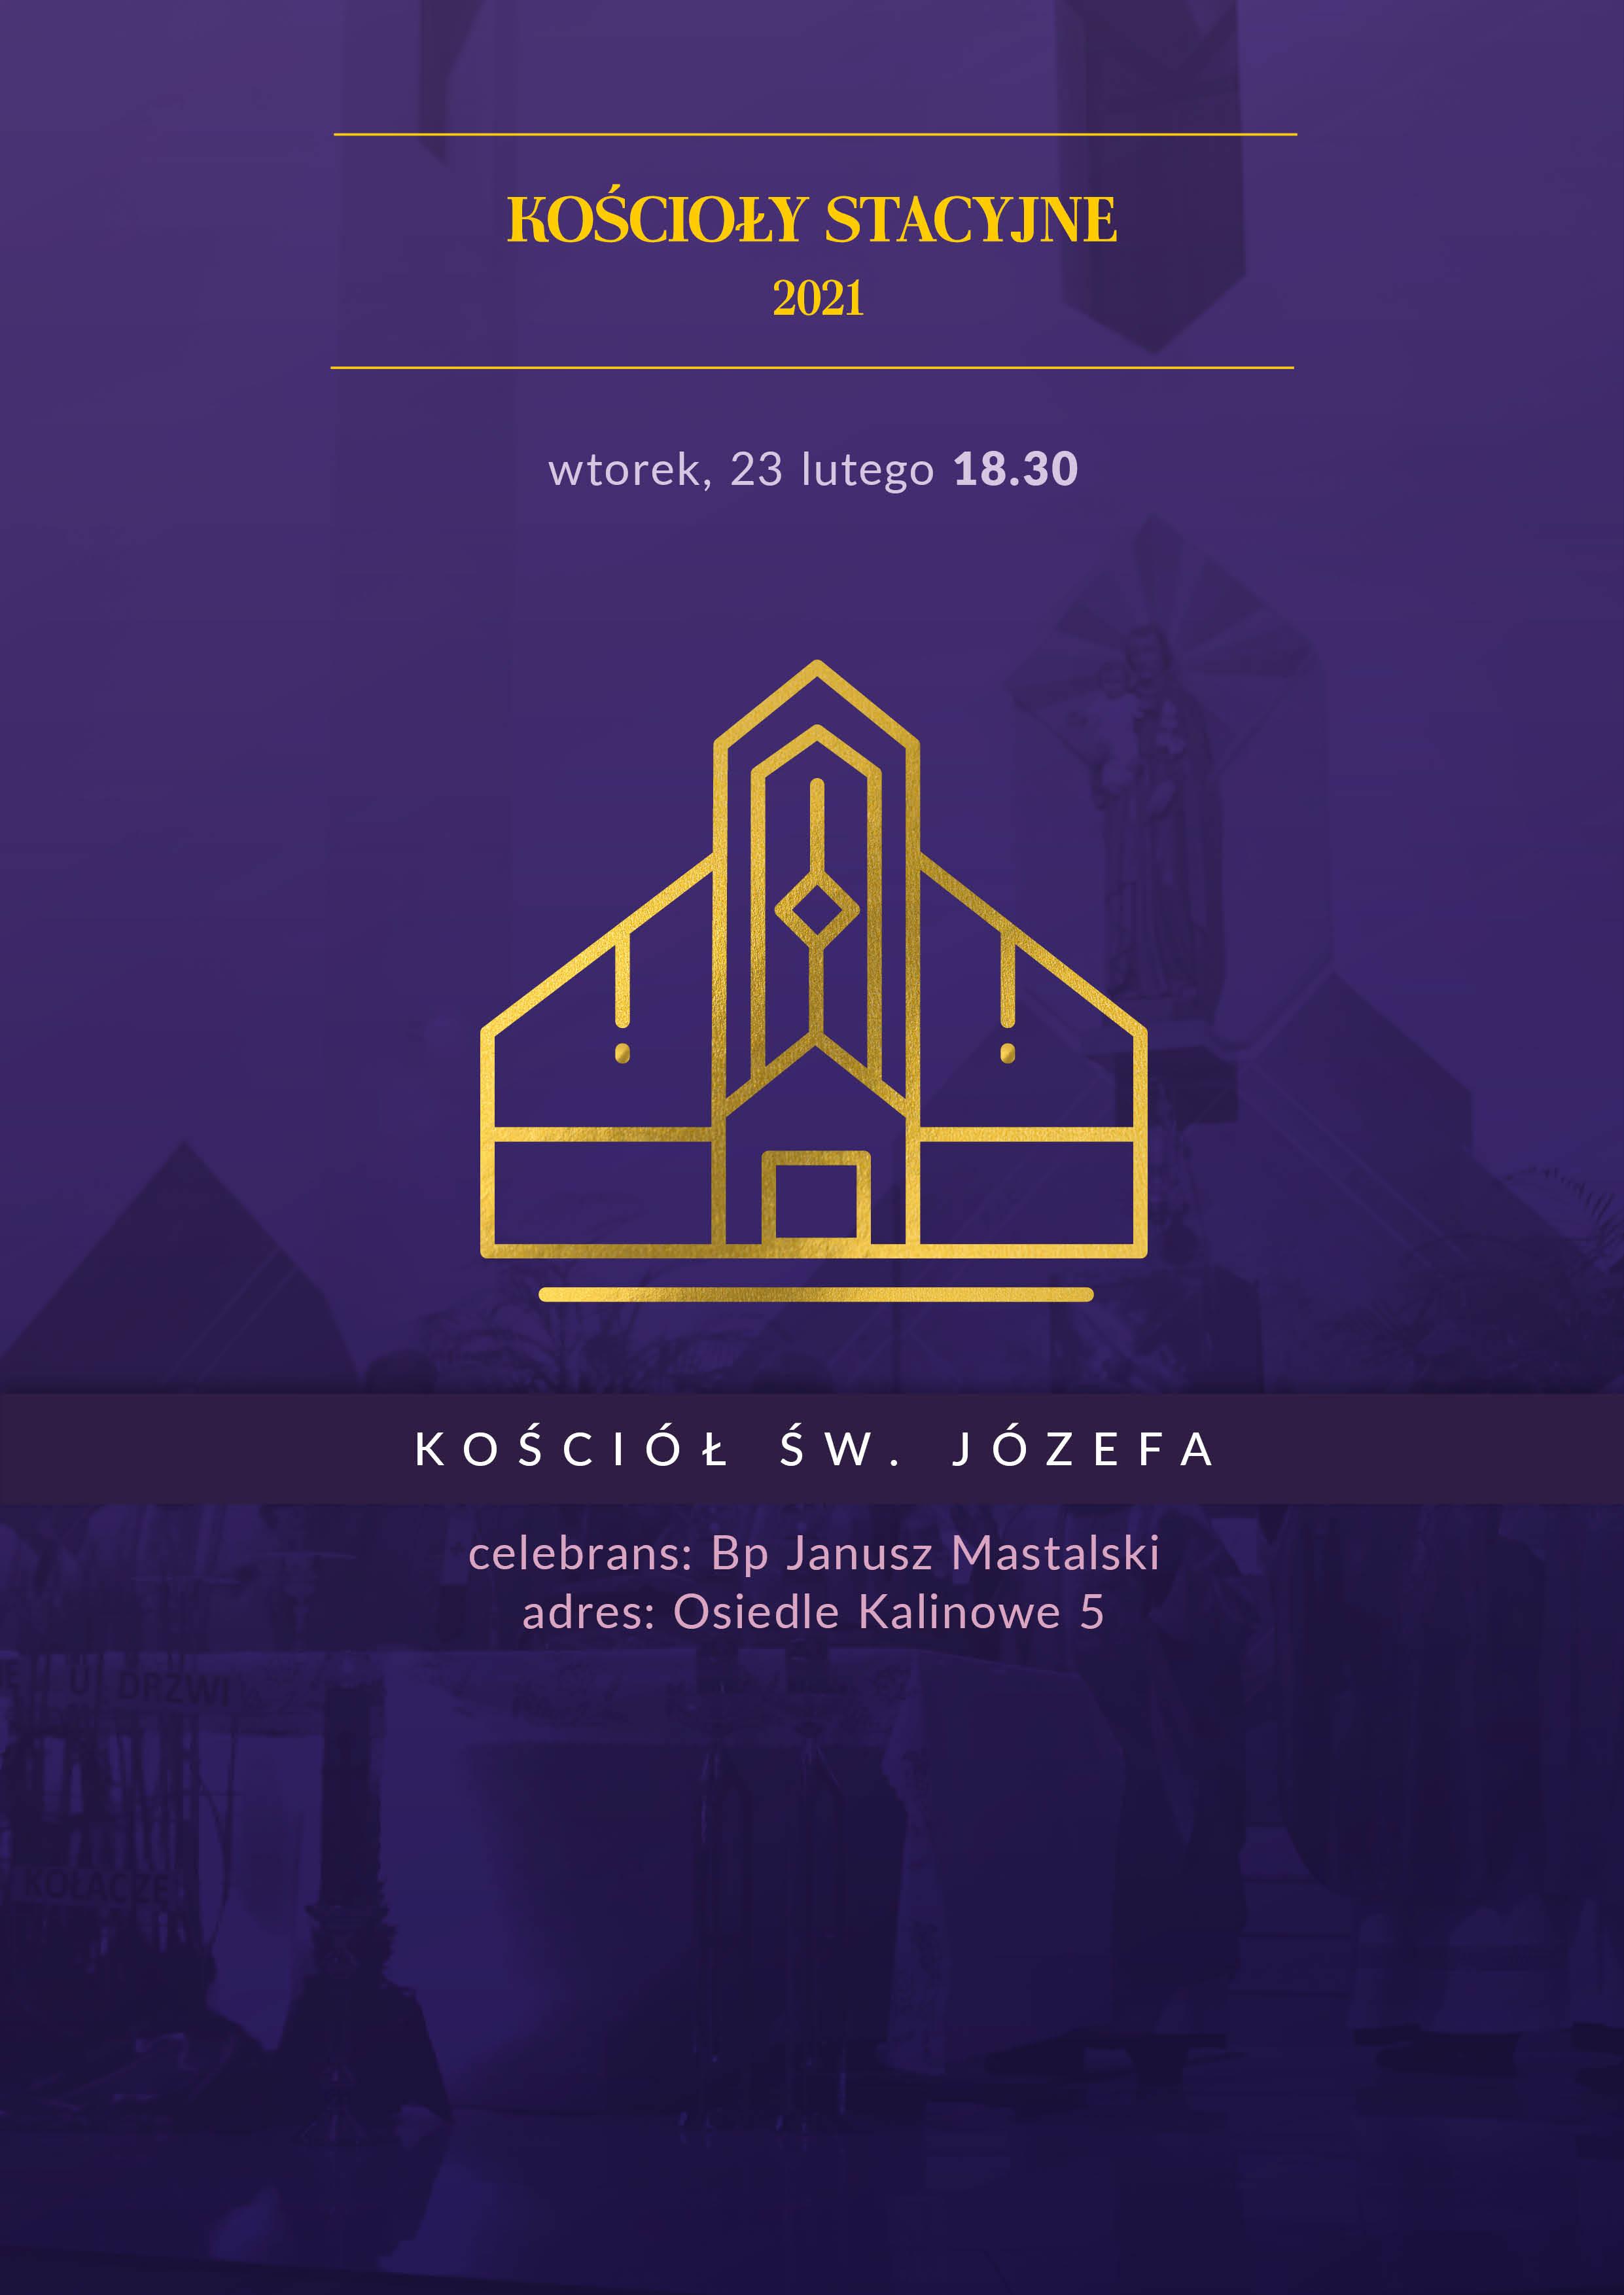 Msza św. w stacyjnym kościele św. Józefa na os. Kalinowym